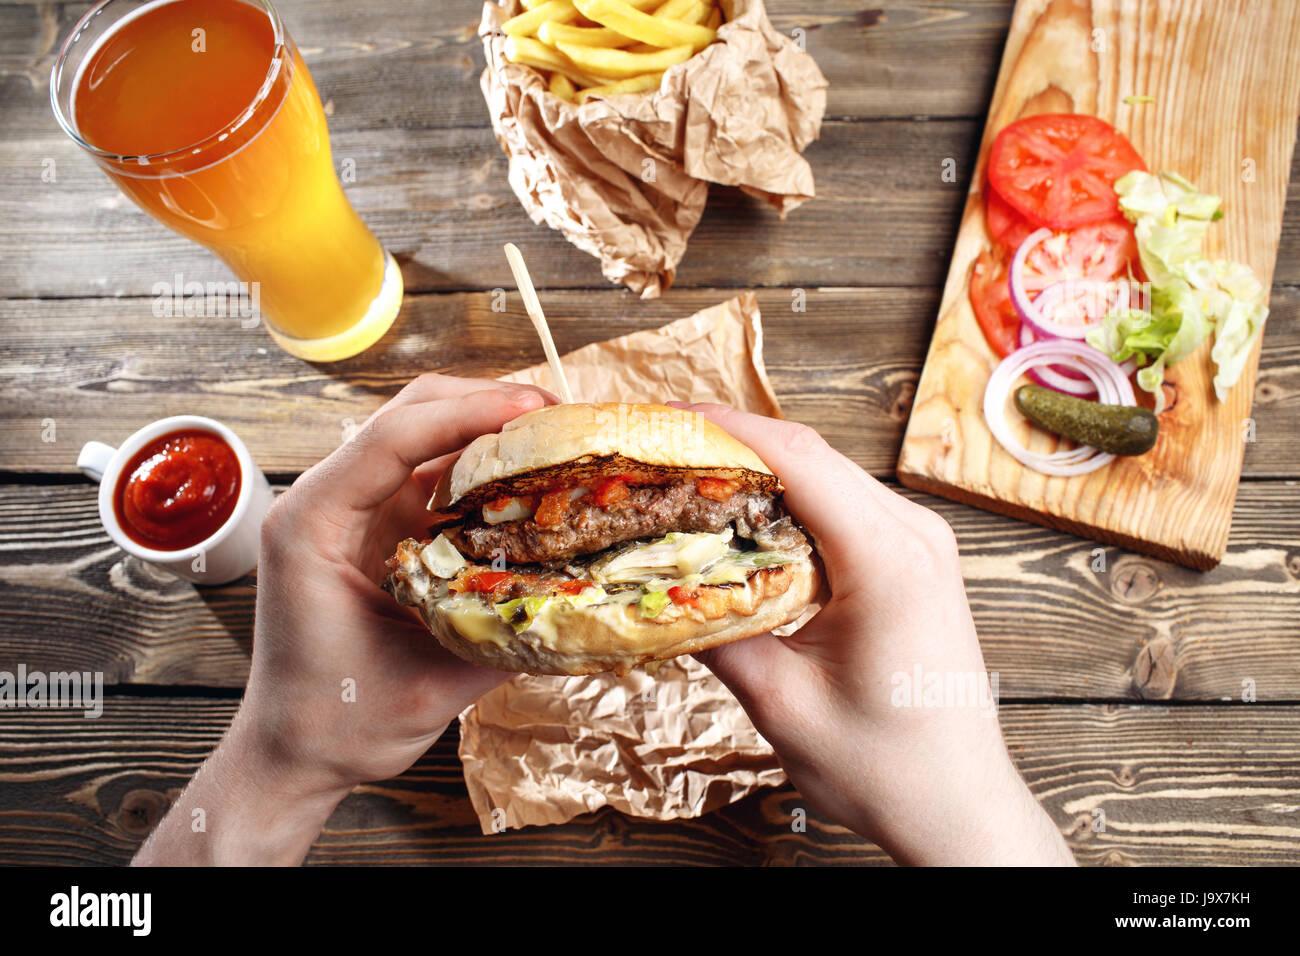 Mani fresche deliziose hamburger con patatine e salsa e birra sul tavolo di legno vista dall'alto. Immagini Stock